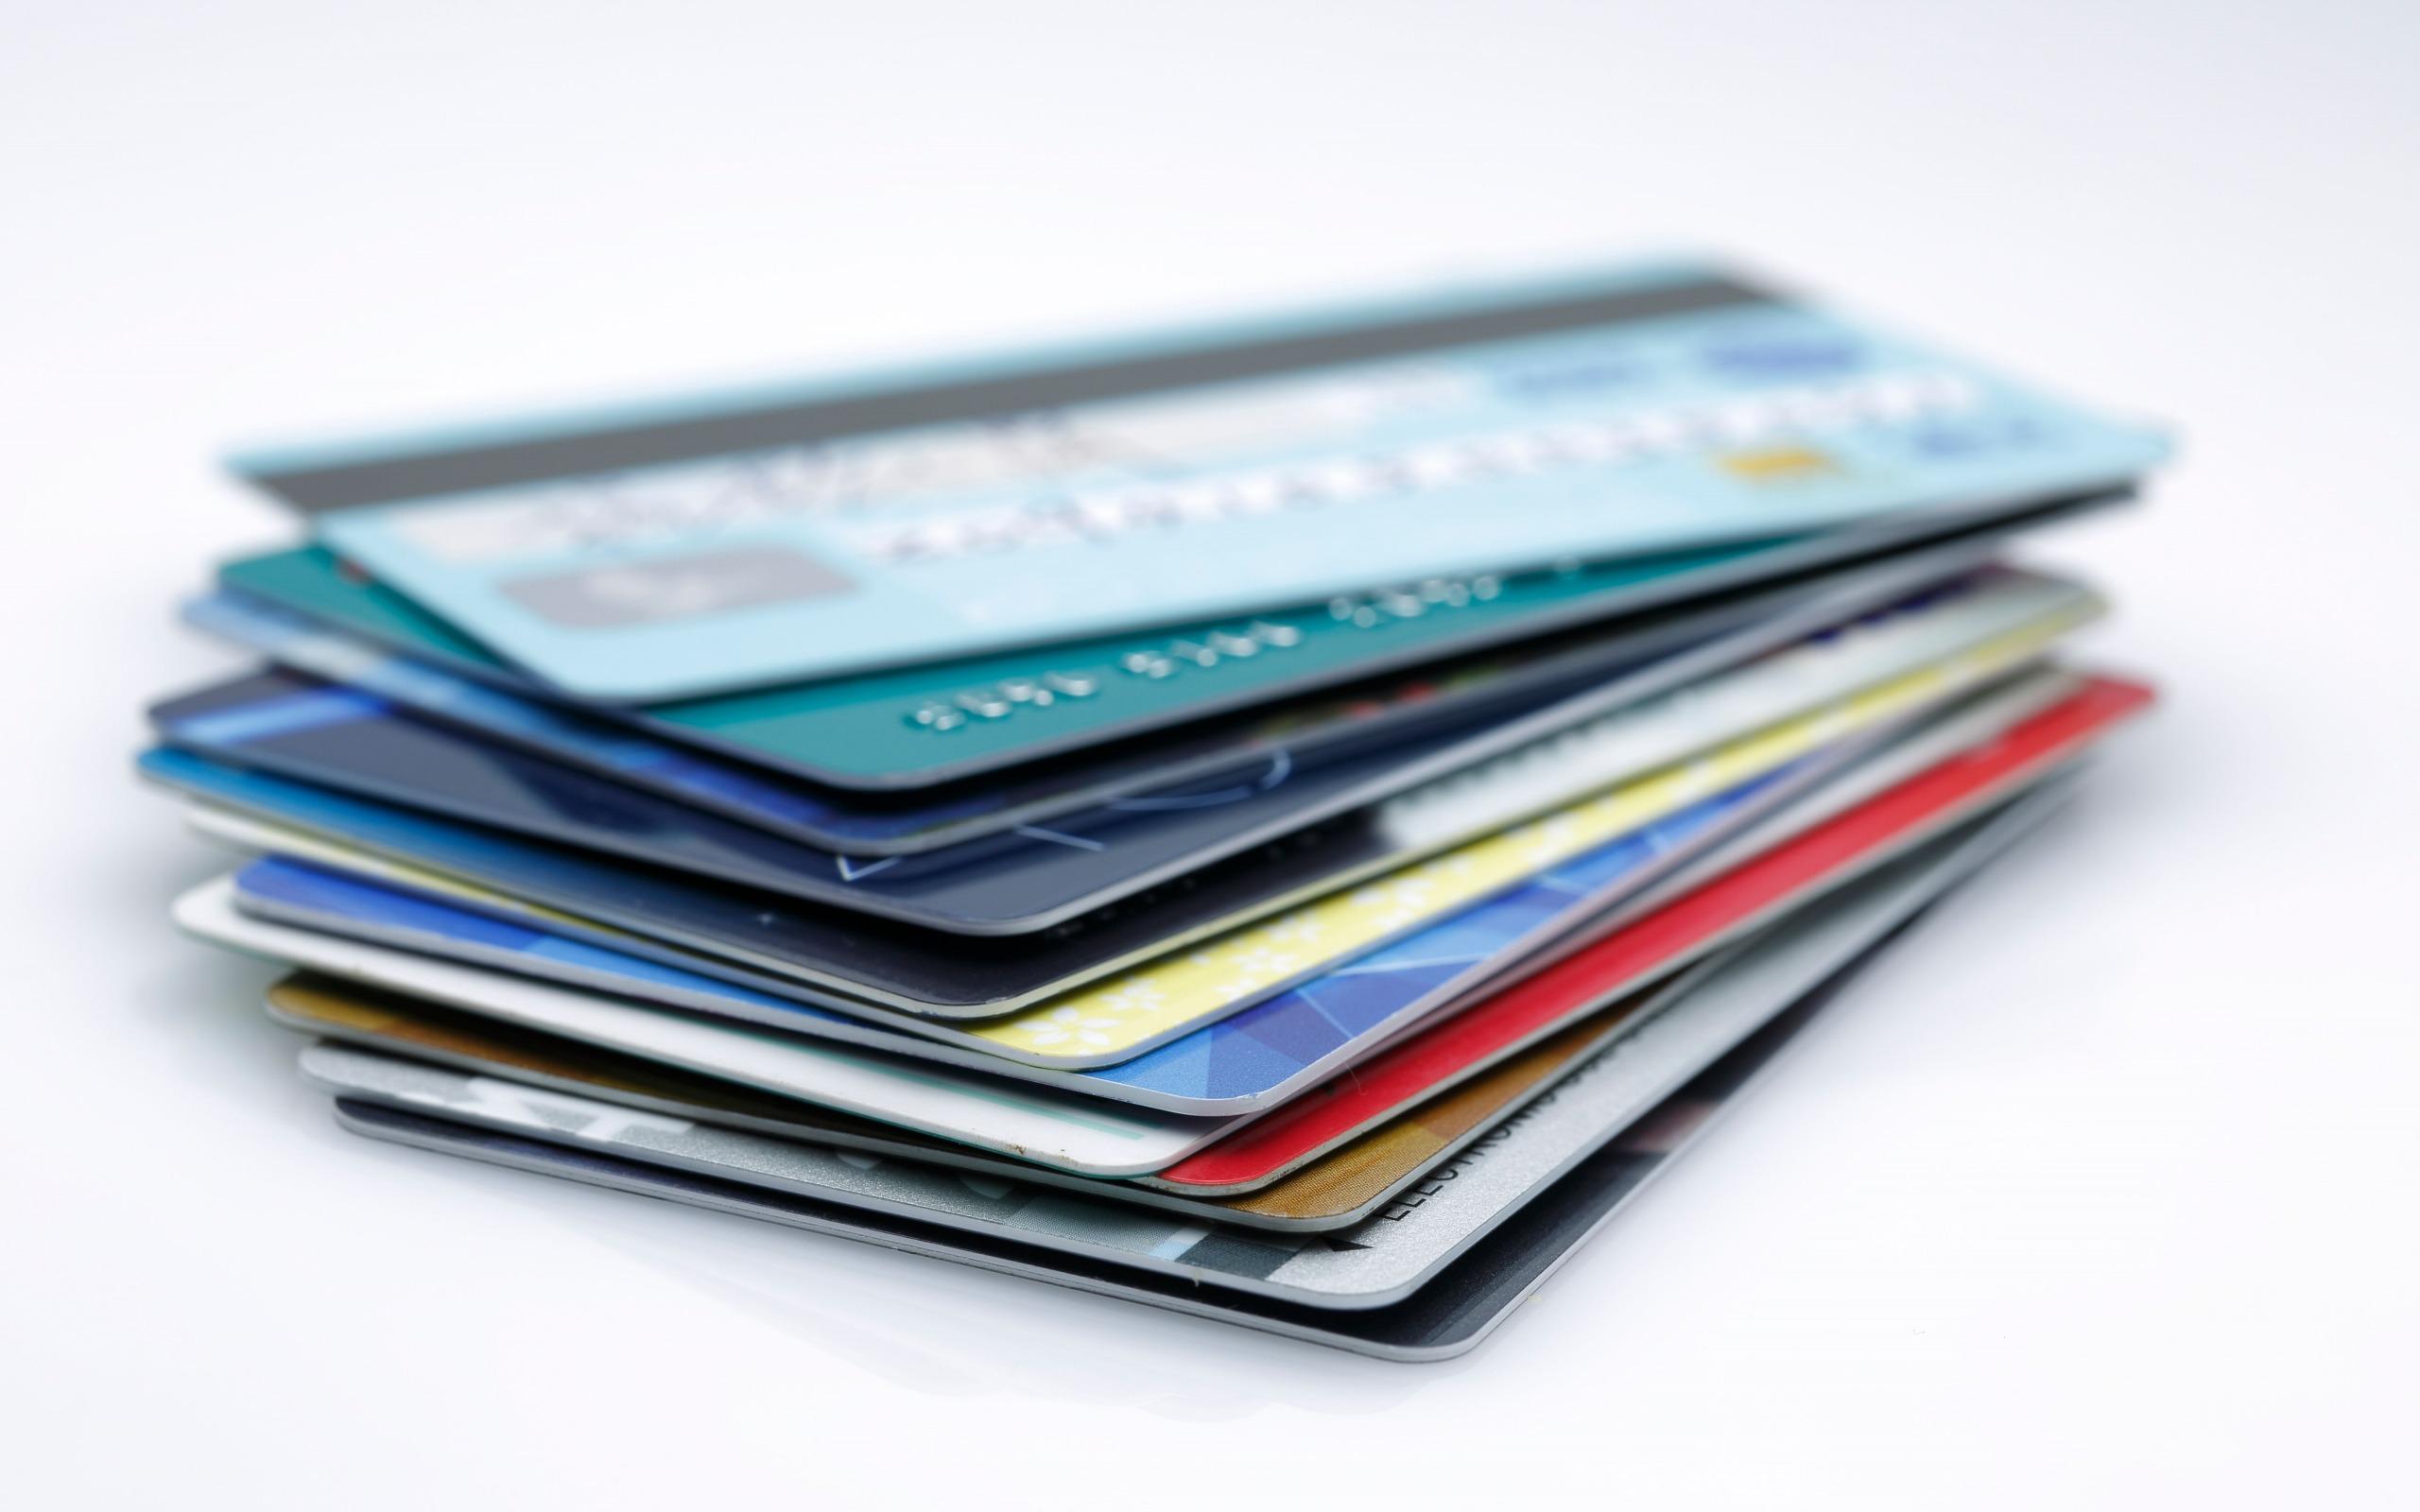 В Украине заработало автоматическое списание долгов с банковских счетов. Какие банки подключены к системе